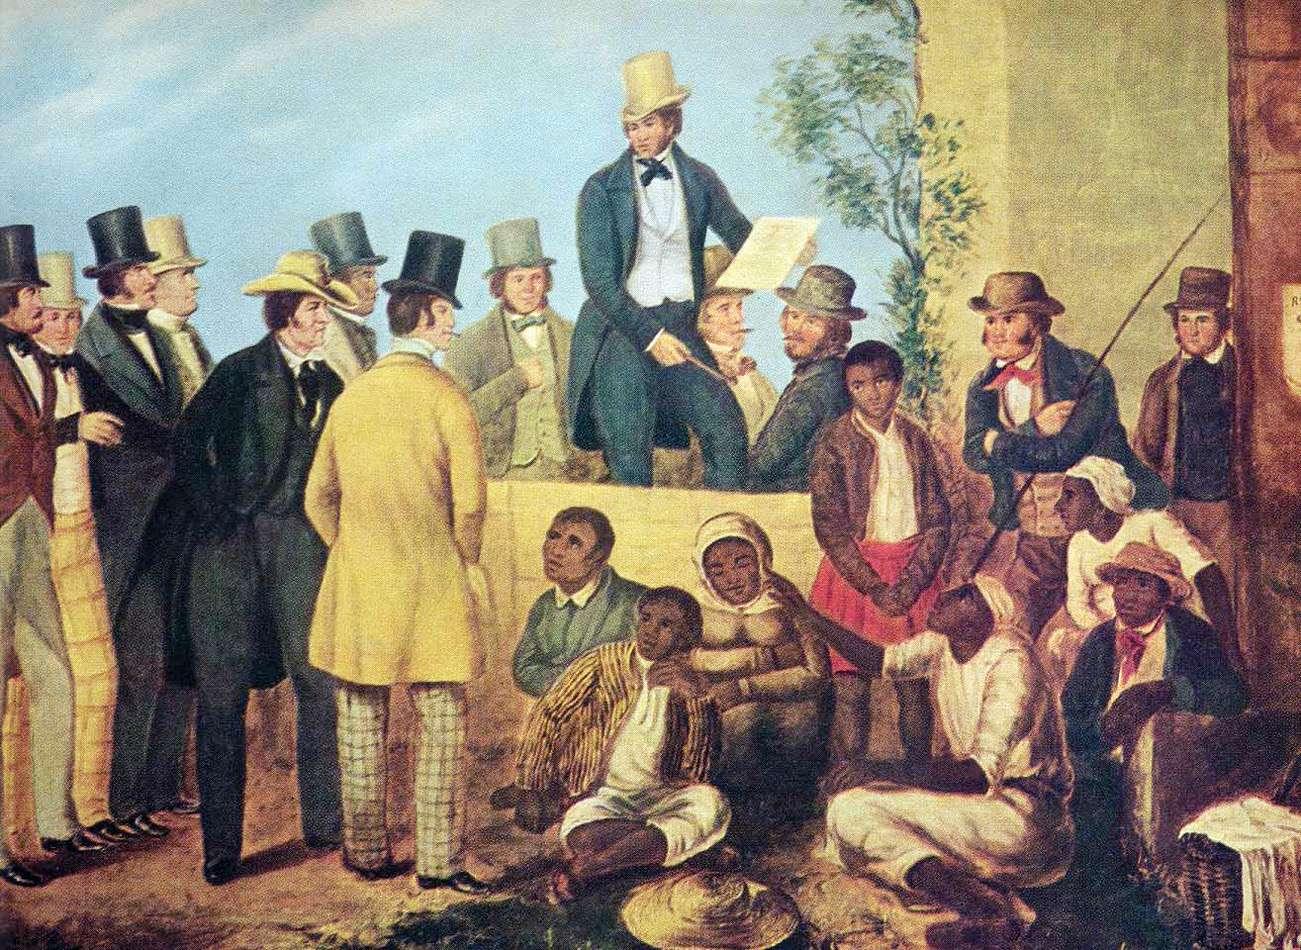 Αγοραπωλησία μαύρων σκλάβων στην Αμερική, περίπου 1850.